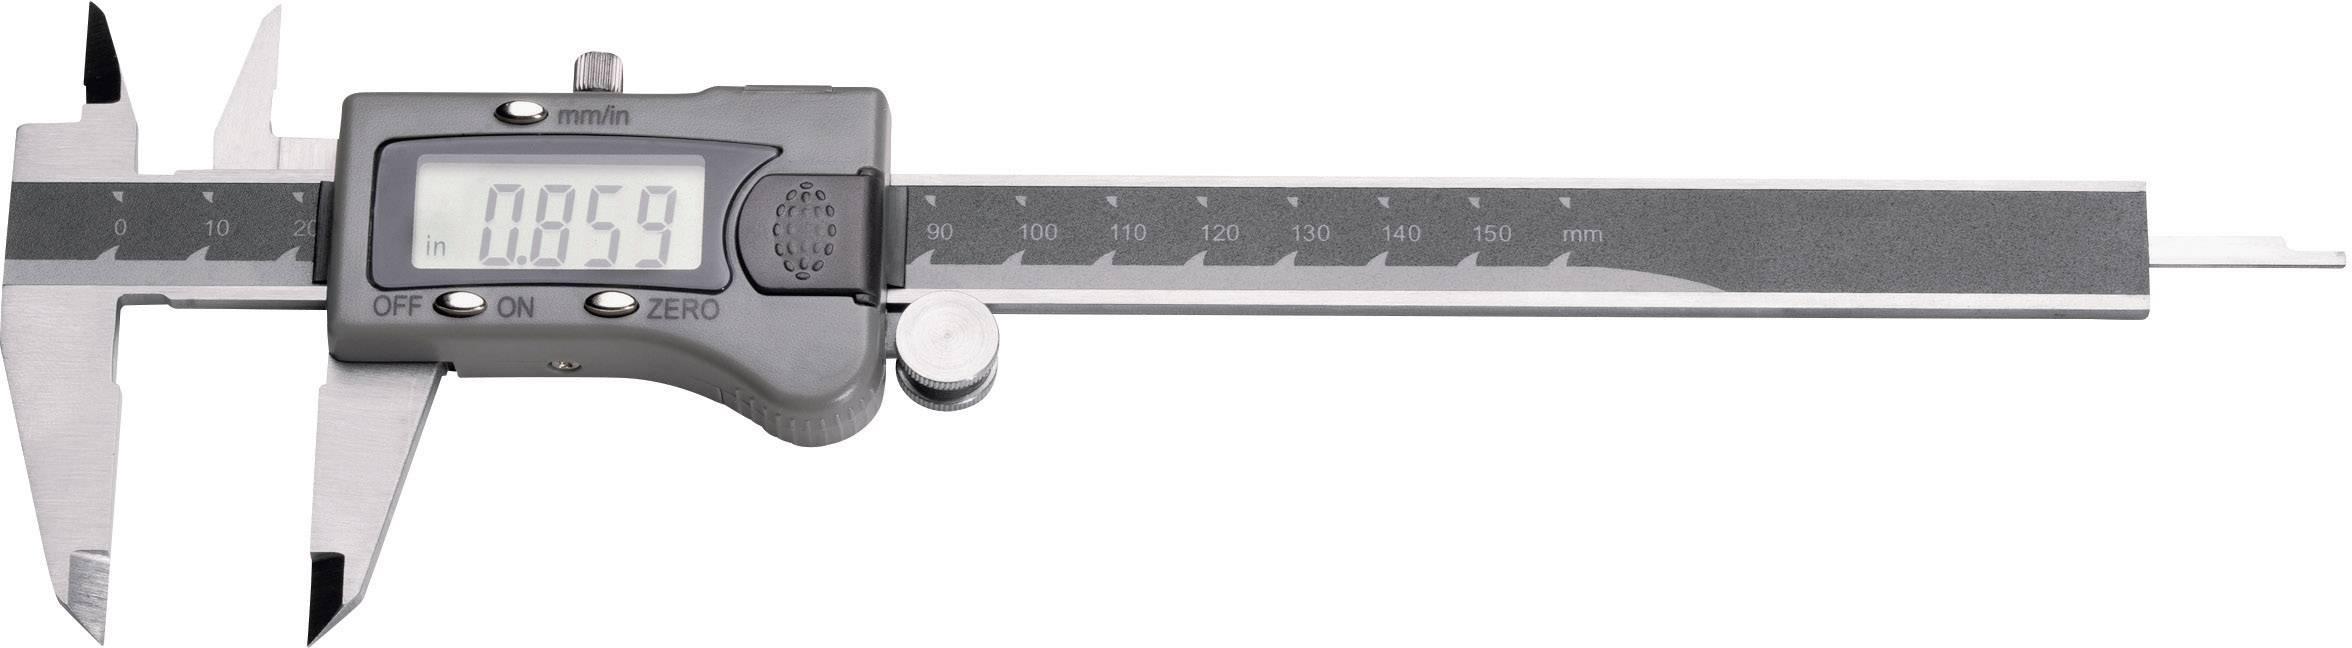 Digitální posuvné měřidlo Horex 2211716, 150 mm